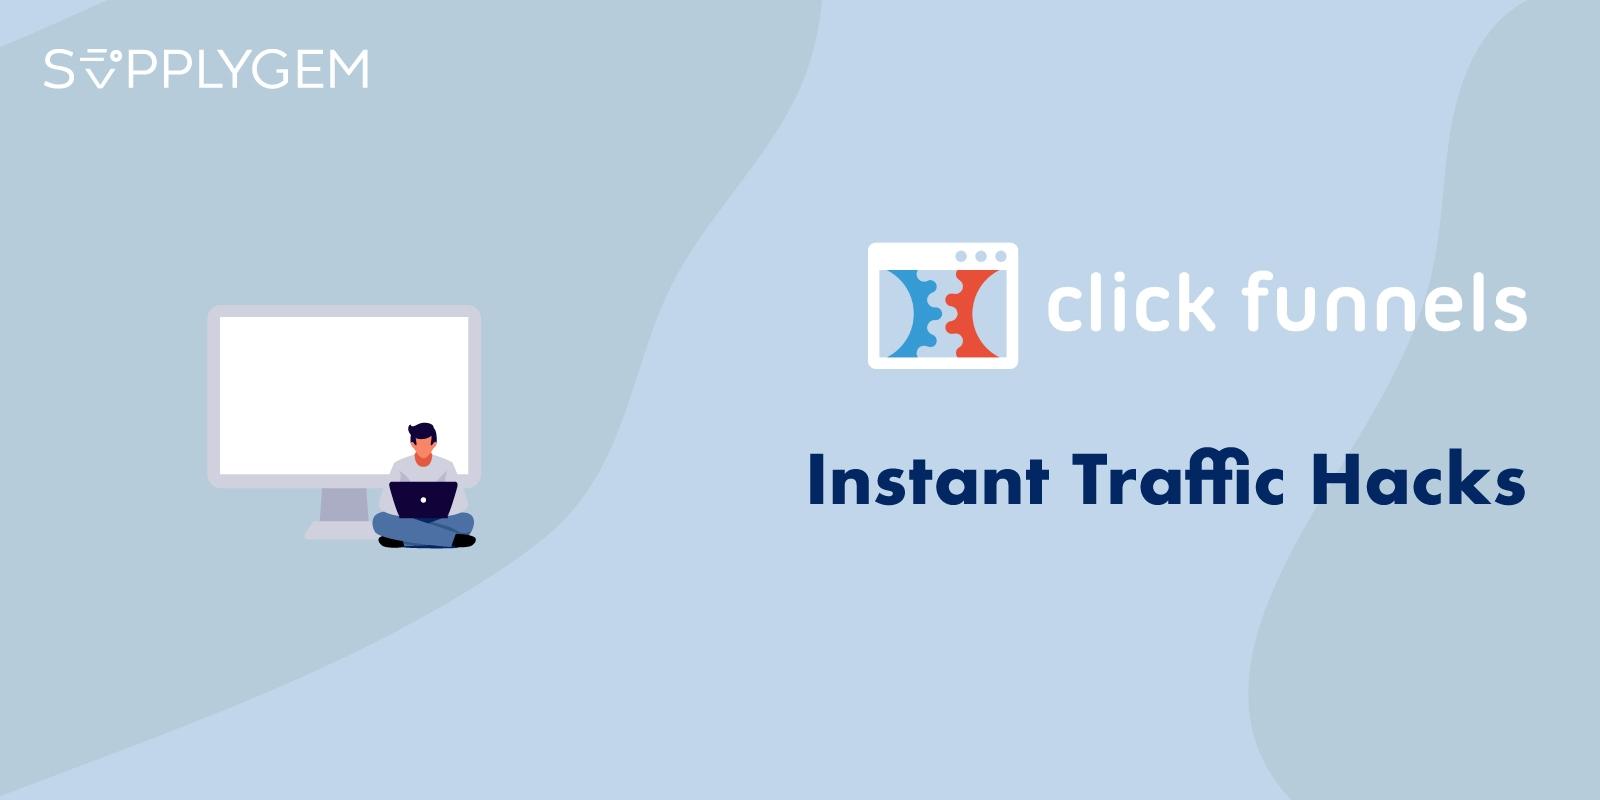 Clickfunnels Instant Traffic Hacks